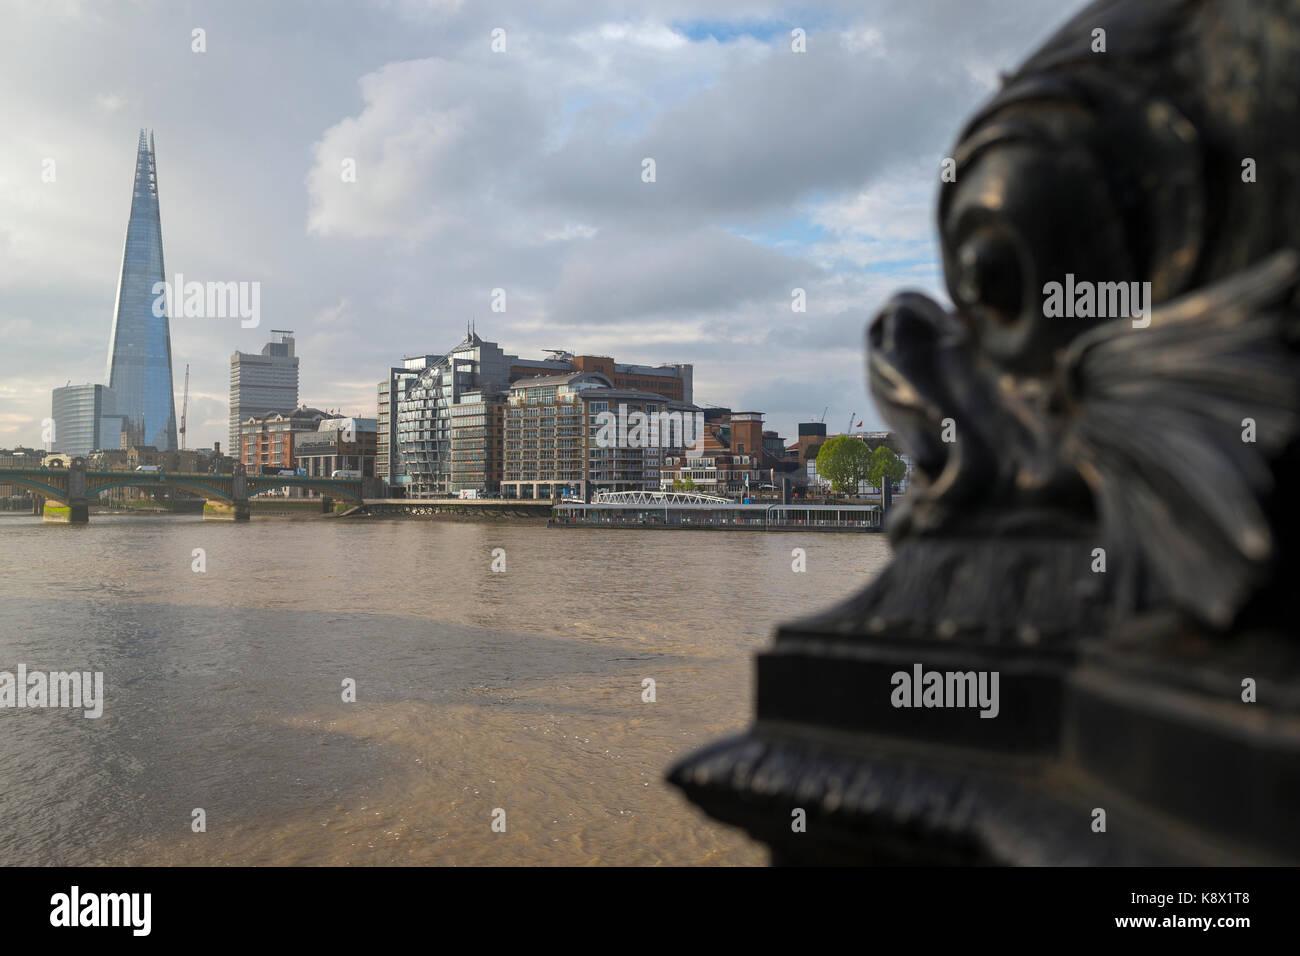 El edificio shard y el río Támesis de Londres. Imagen De Stock